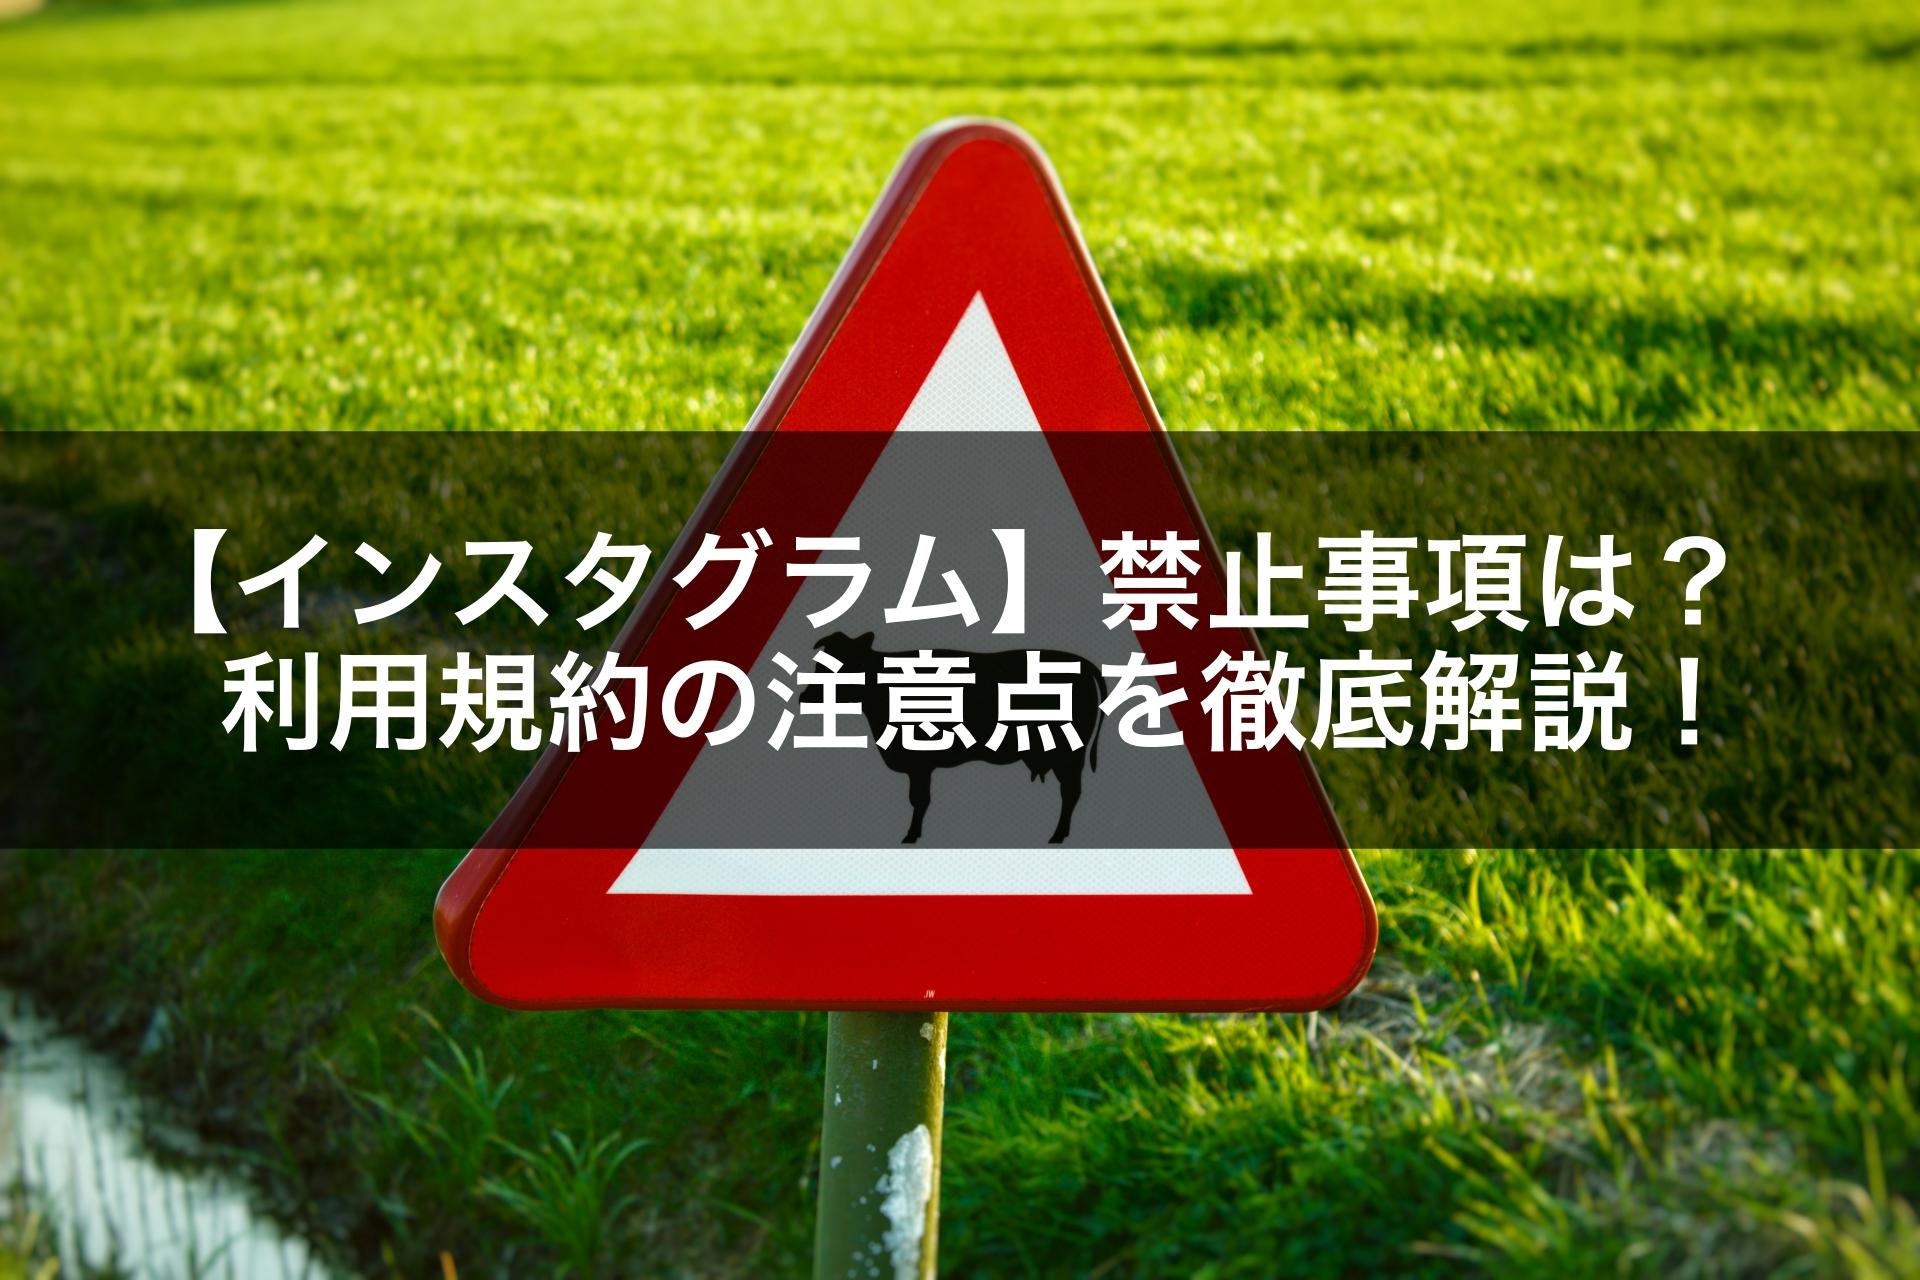 【インスタグラム】禁止事項は?利用規約の注意点を徹底解説!